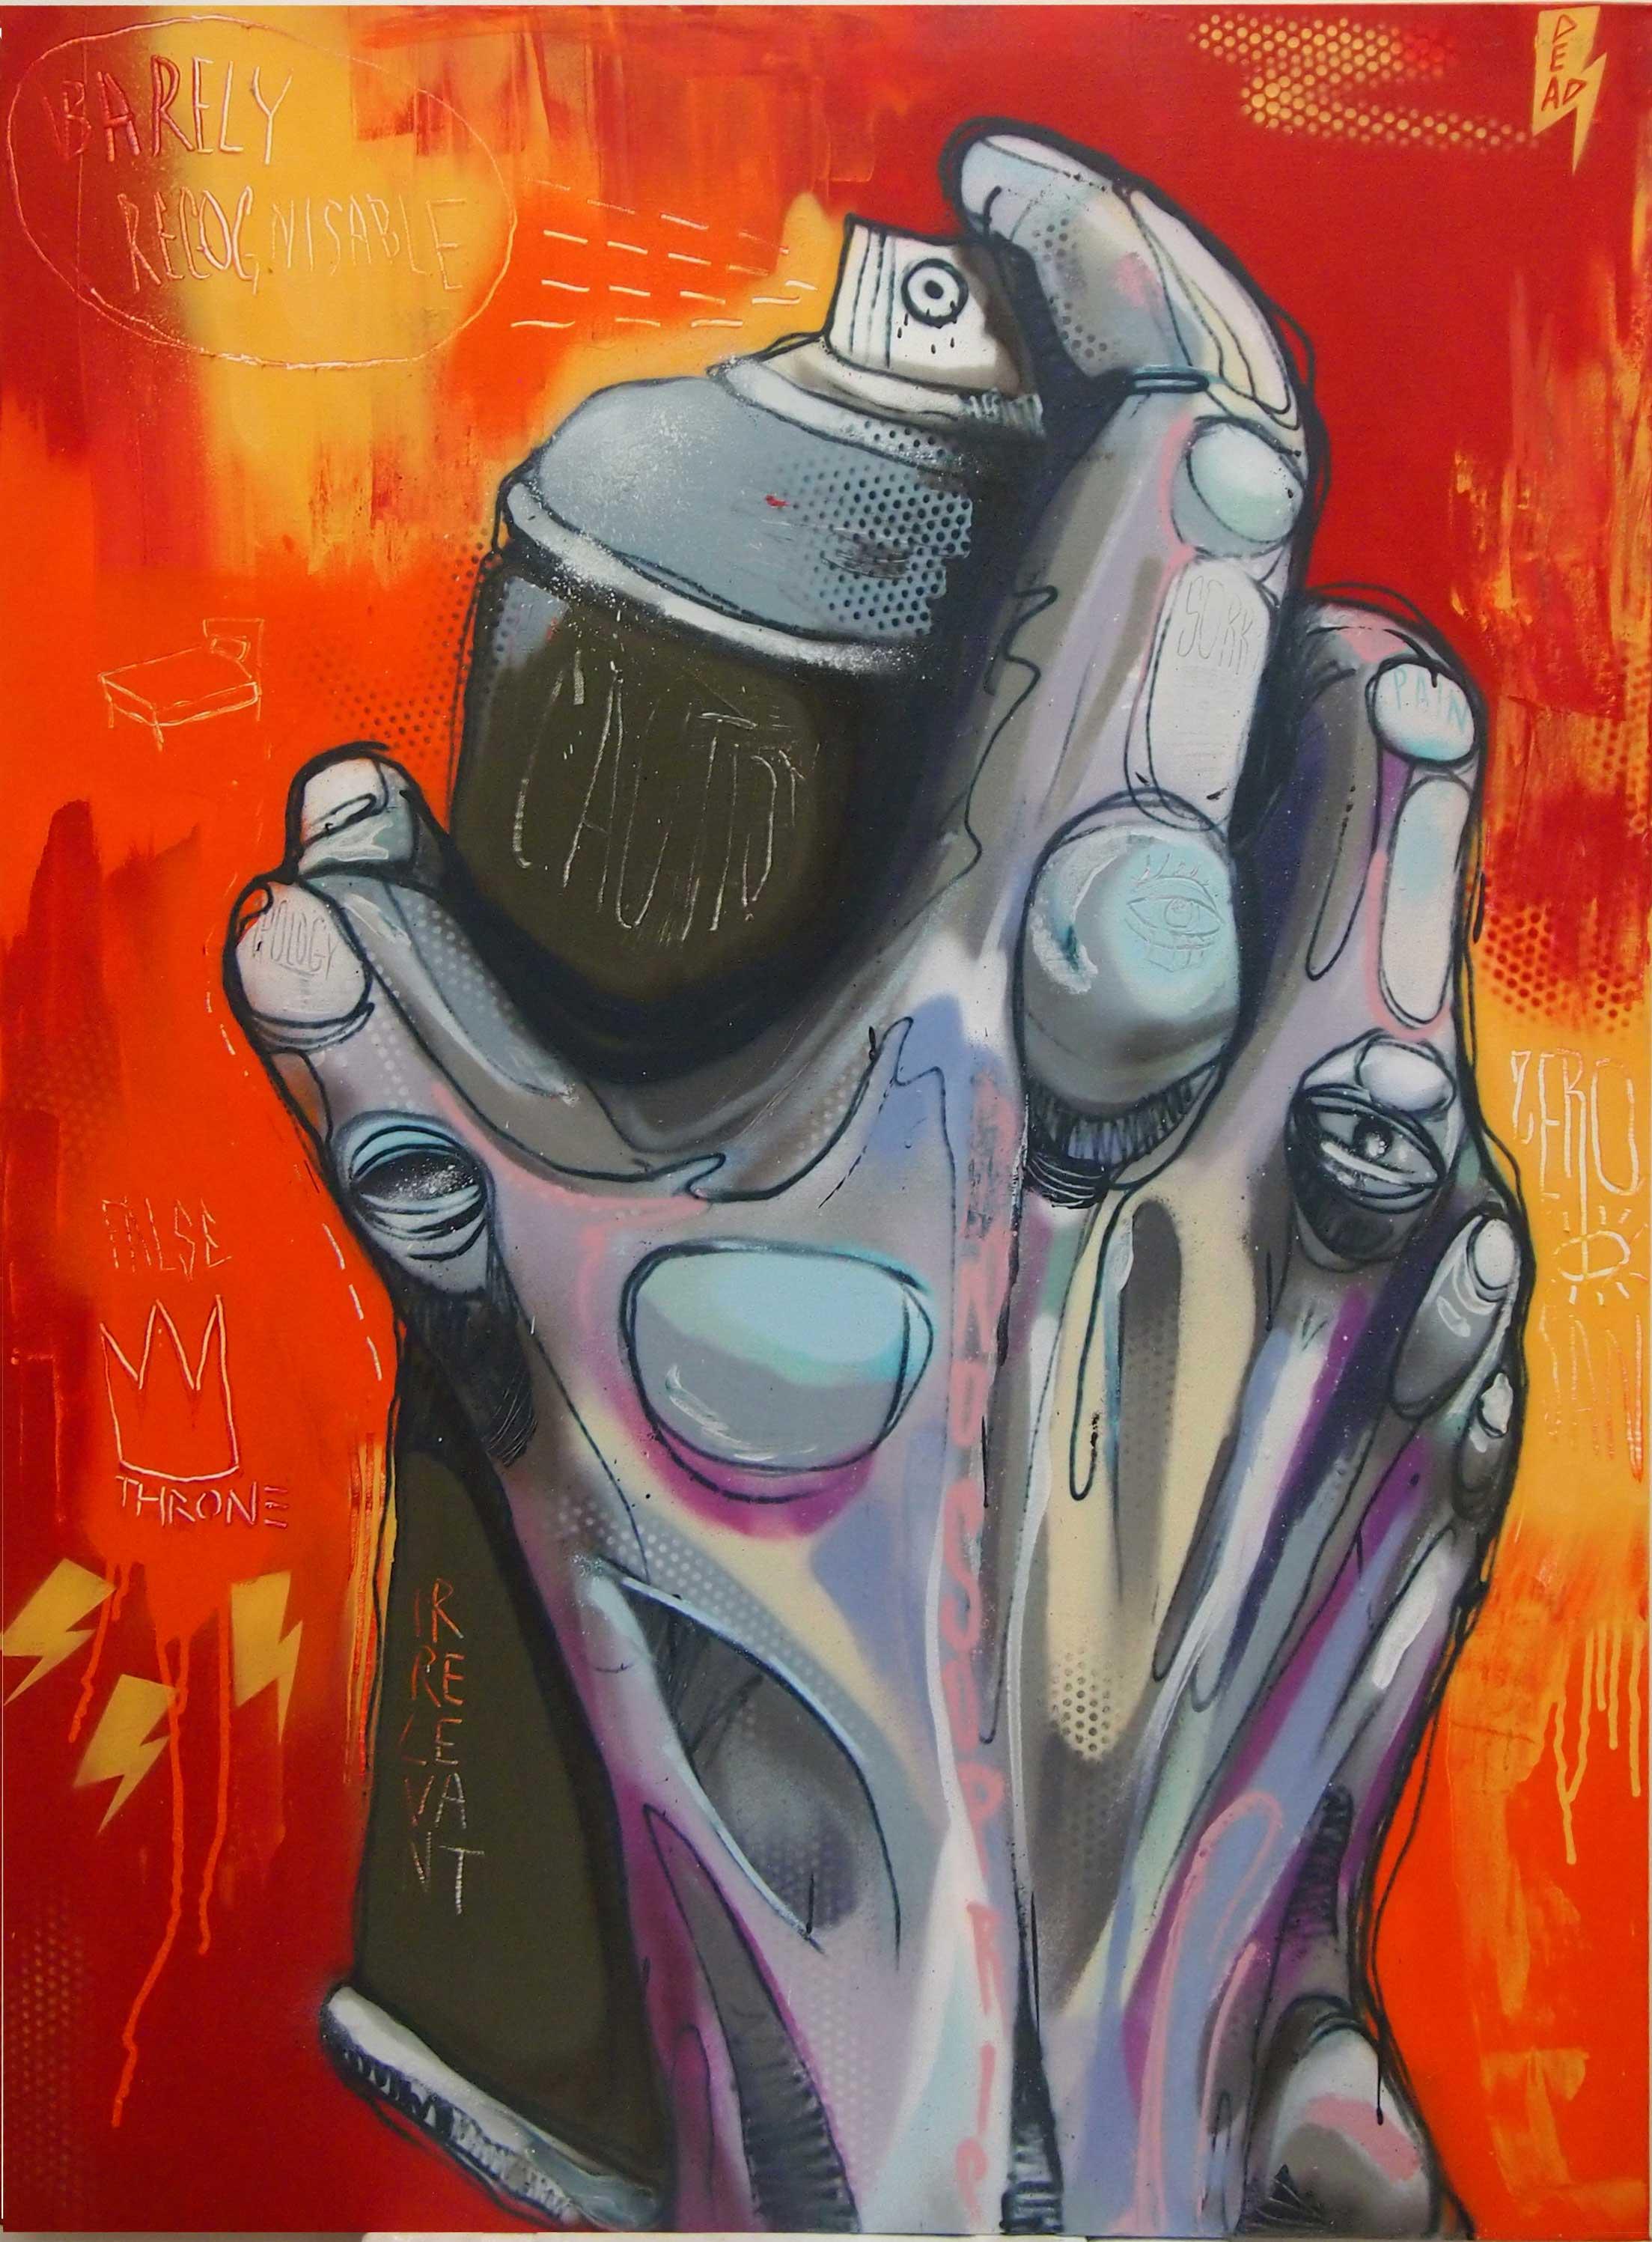 """ZERO  MistyEyed  2013 Aerosol paint on canvas 48 x 36"""""""